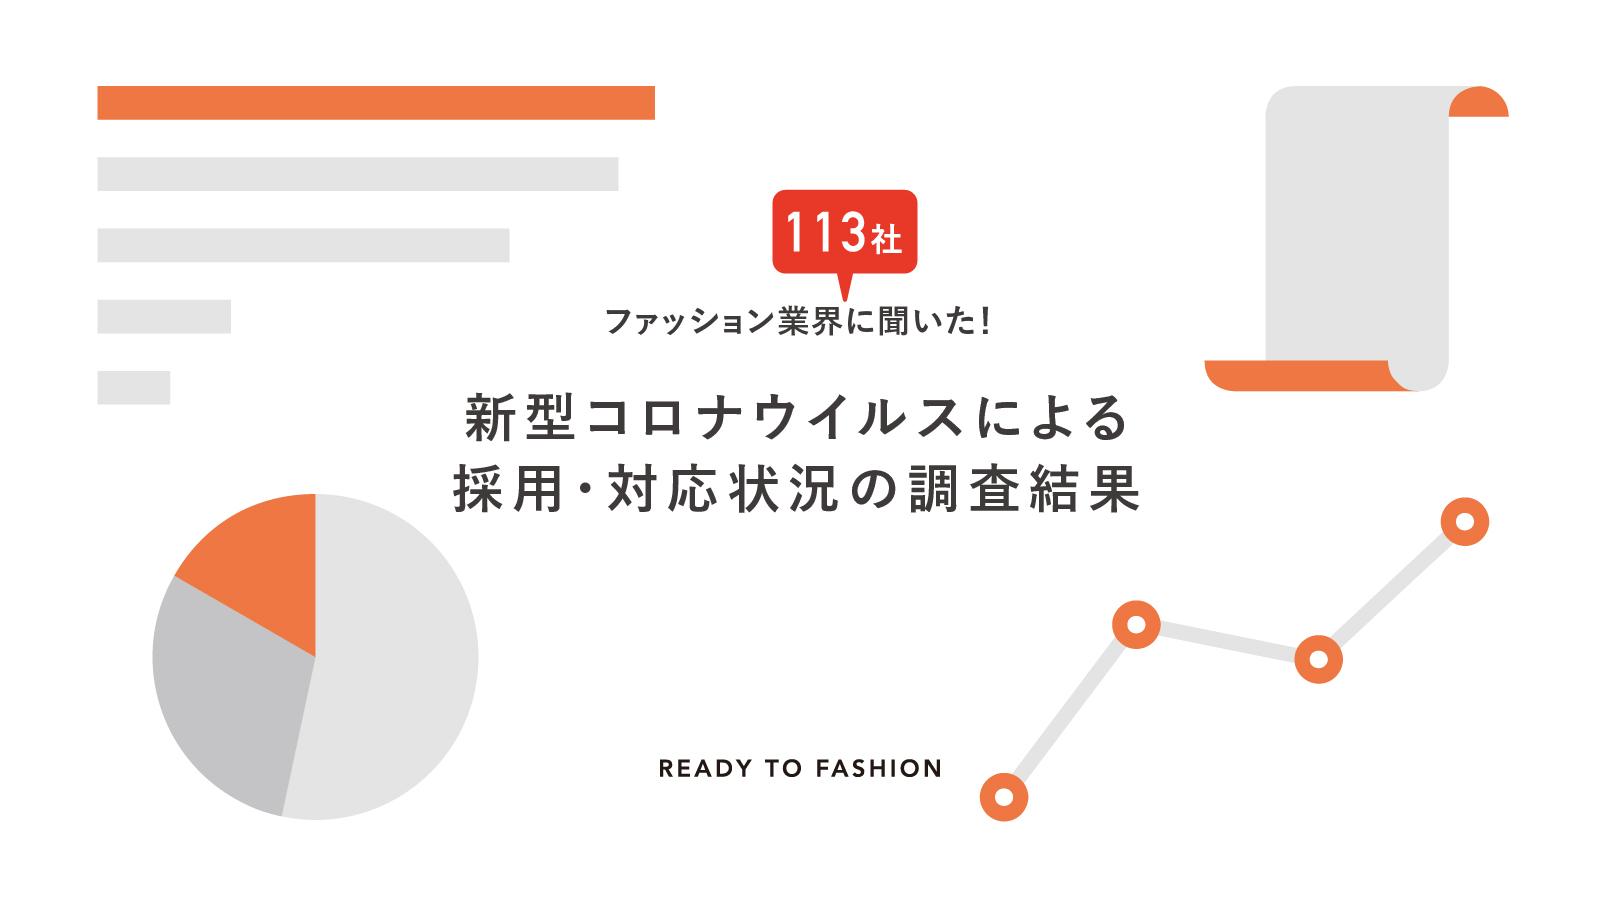 ファッション業界113社 新型コロナウイルスによる採用・対応状況の調査結果レポート